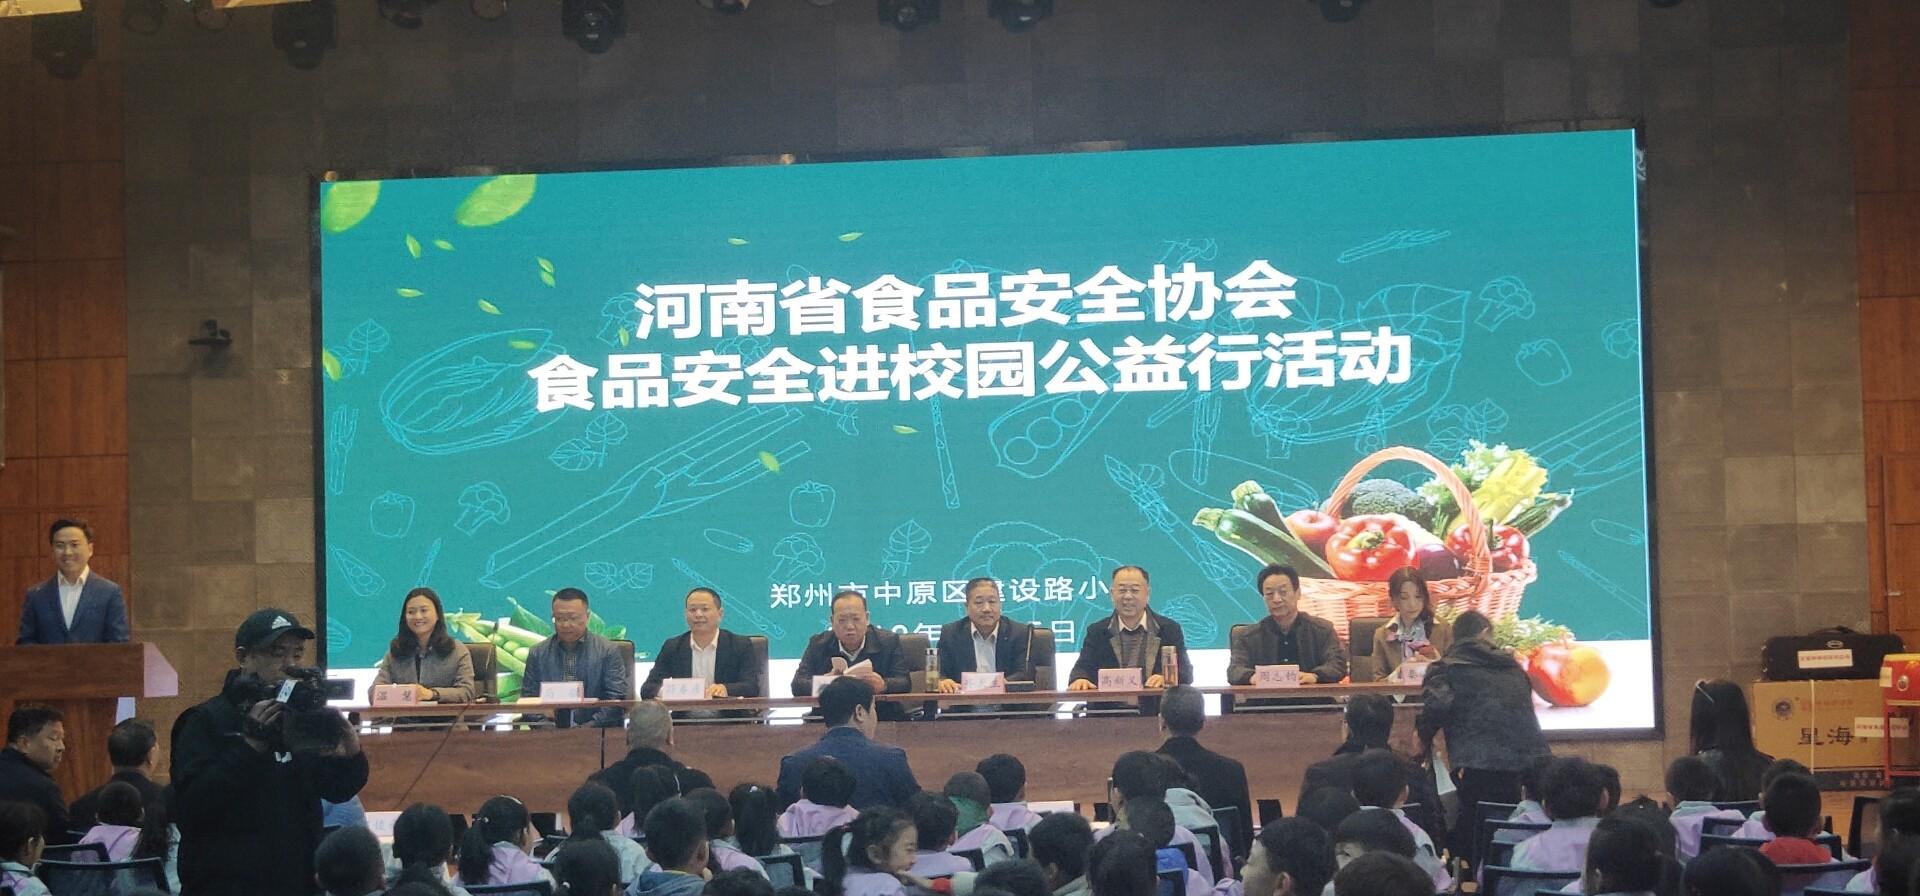 河南省食品安全协会食品安全 进校园公益行活动